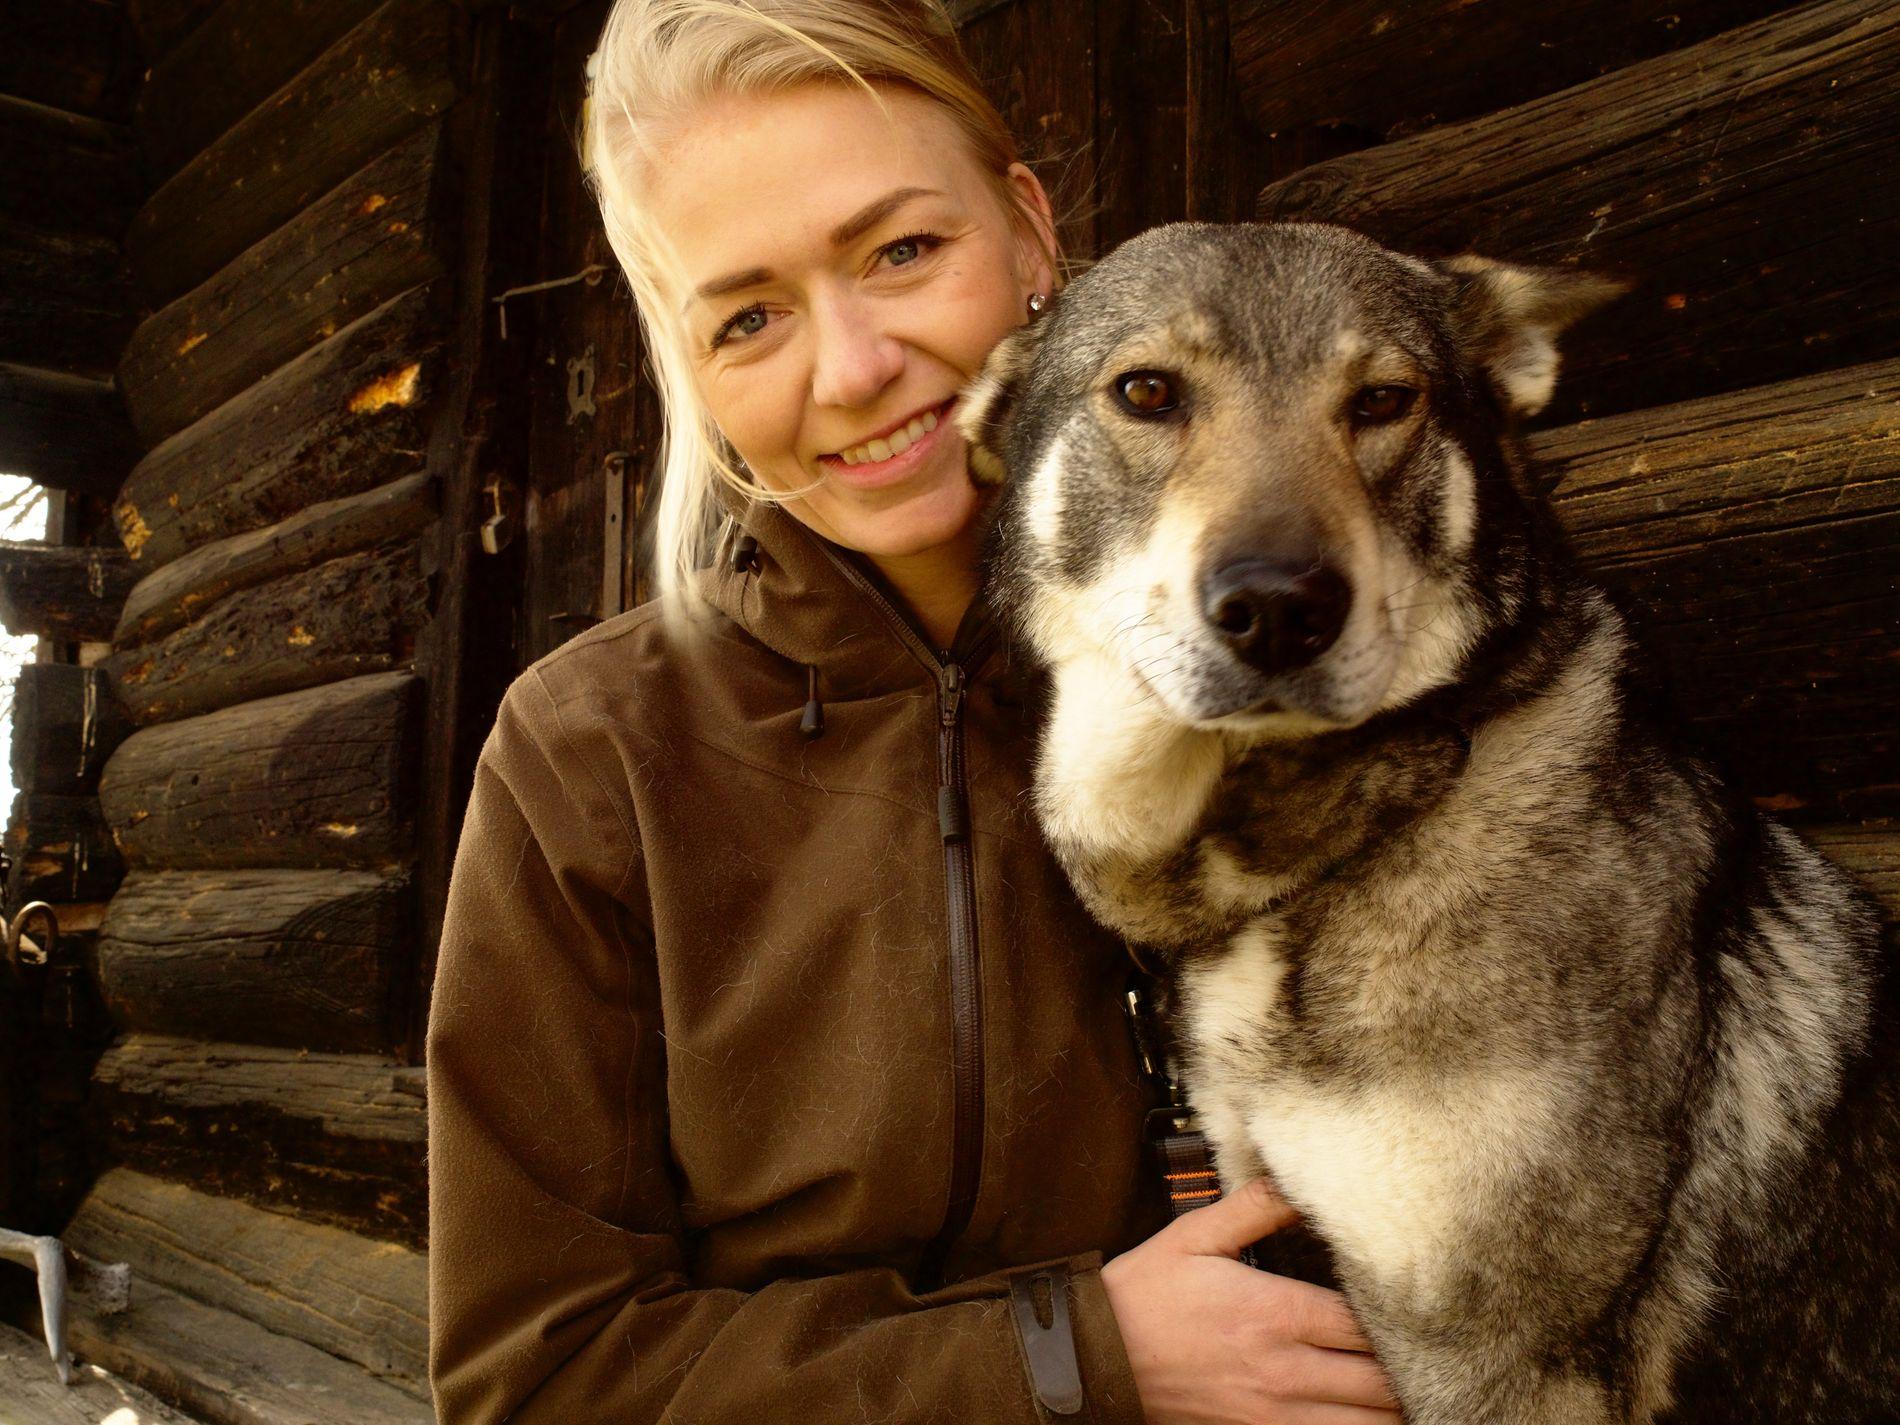 Anette fanget krokodille på TV – nå skal hun jakte på kjærligheten